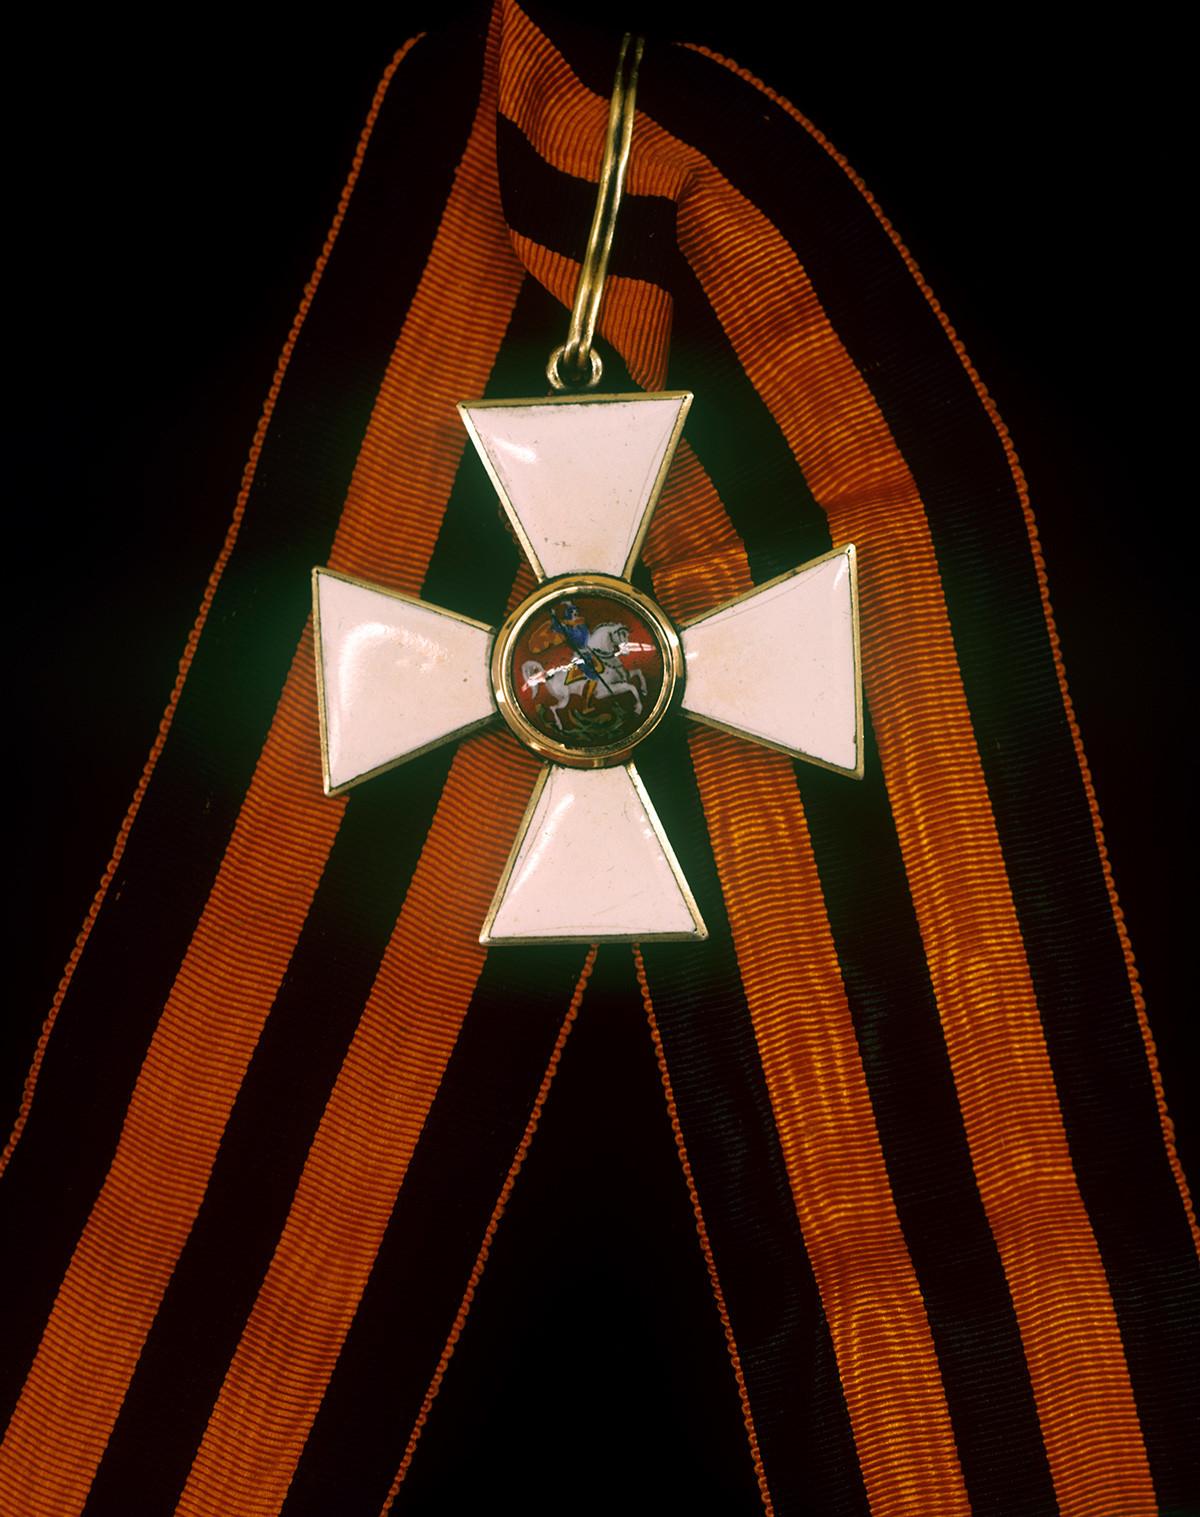 Кръстът (знакът) на ордена